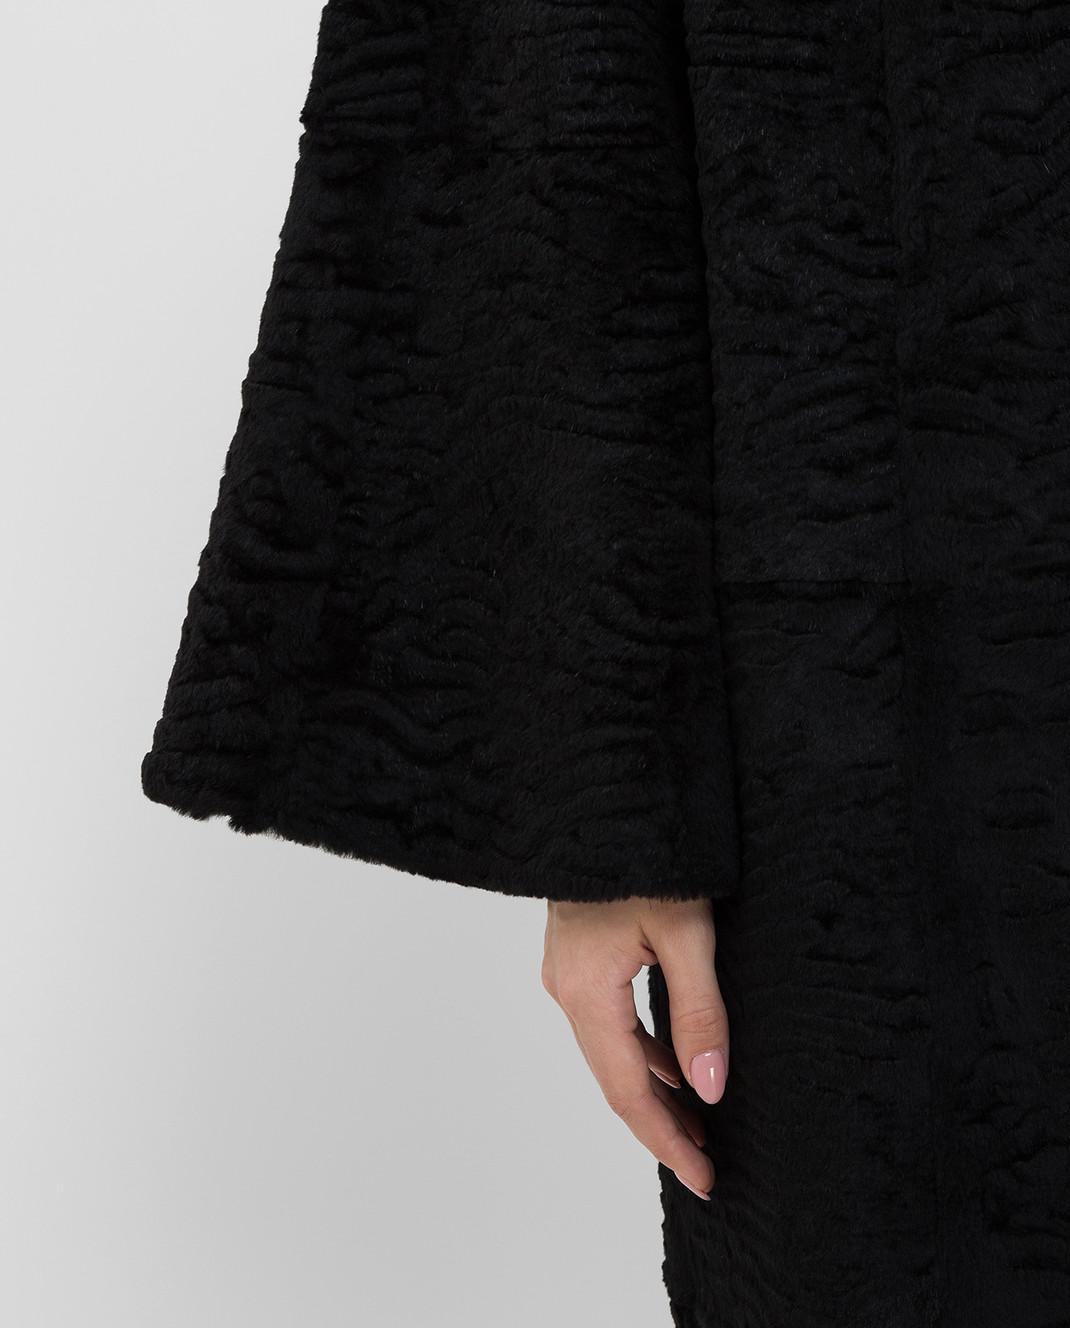 Giuliana Teso Черное пальто из меха кролика 84KA440A изображение 5